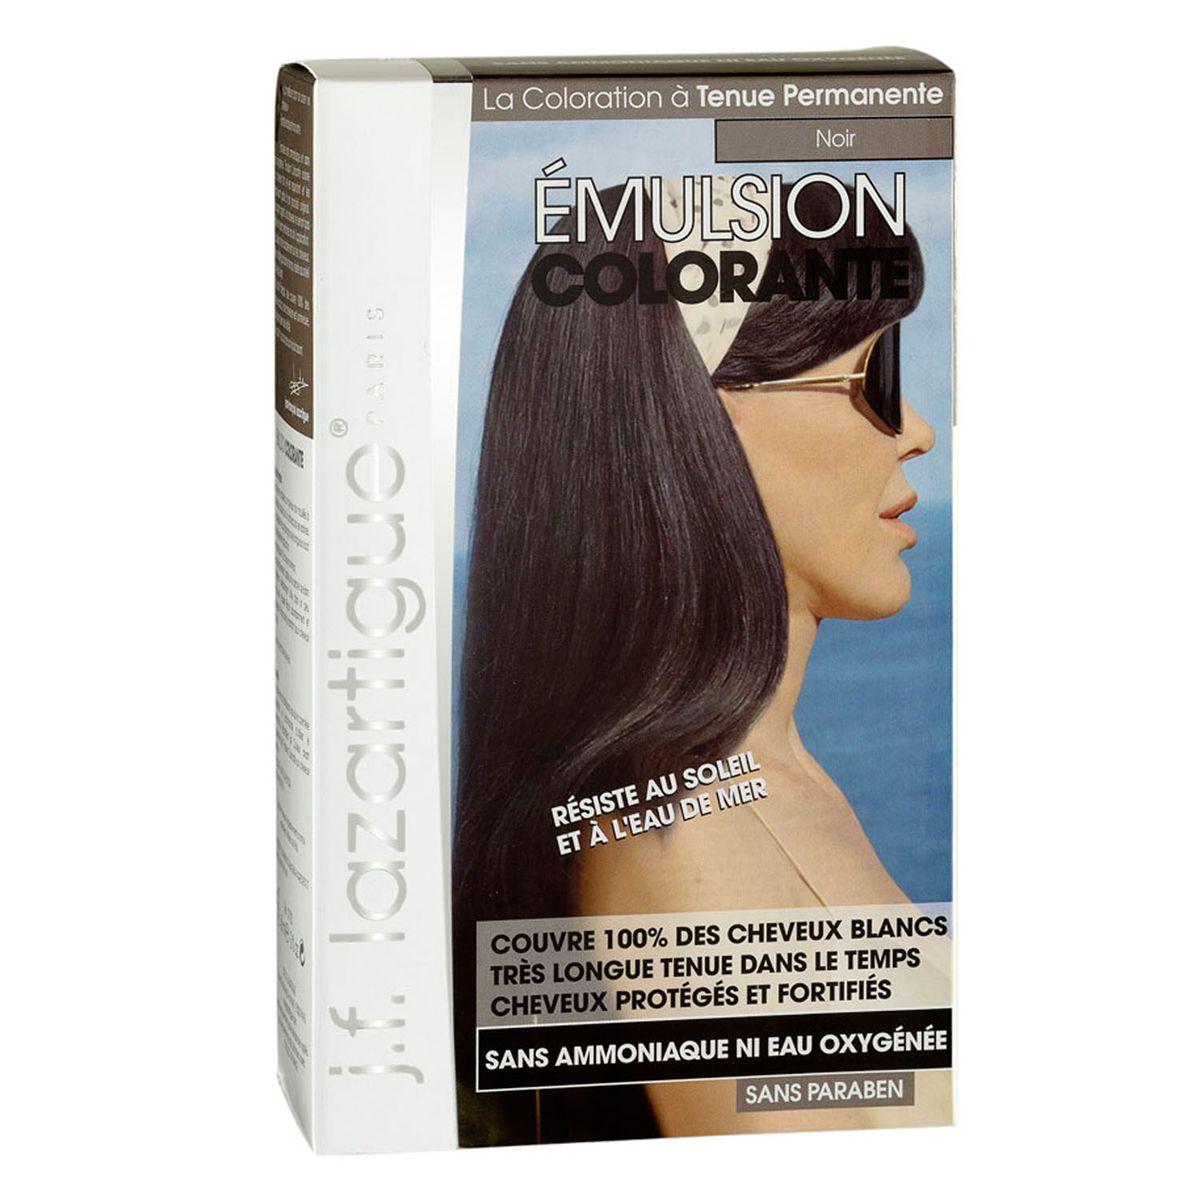 J.F.Lazartigue Оттеночная эмульсия для волос Черный 60 мл01703Благодаря оригинальной формуле полностью (на 100%) скрывает седину, длительное время сохраняет цвет, поддерживает здоровье и жизненную силу волос и сохраняет эти качества, несмотря на воздействие солнечных лучей, морской воды и прочих неблагоприятных экологических факторов. Не осветляет, не повреждает, а укрепляет волосы. Не содержит аммиака, перекиси водорода и парабенов. Не предназначена для окрашивания бровей и ресниц.